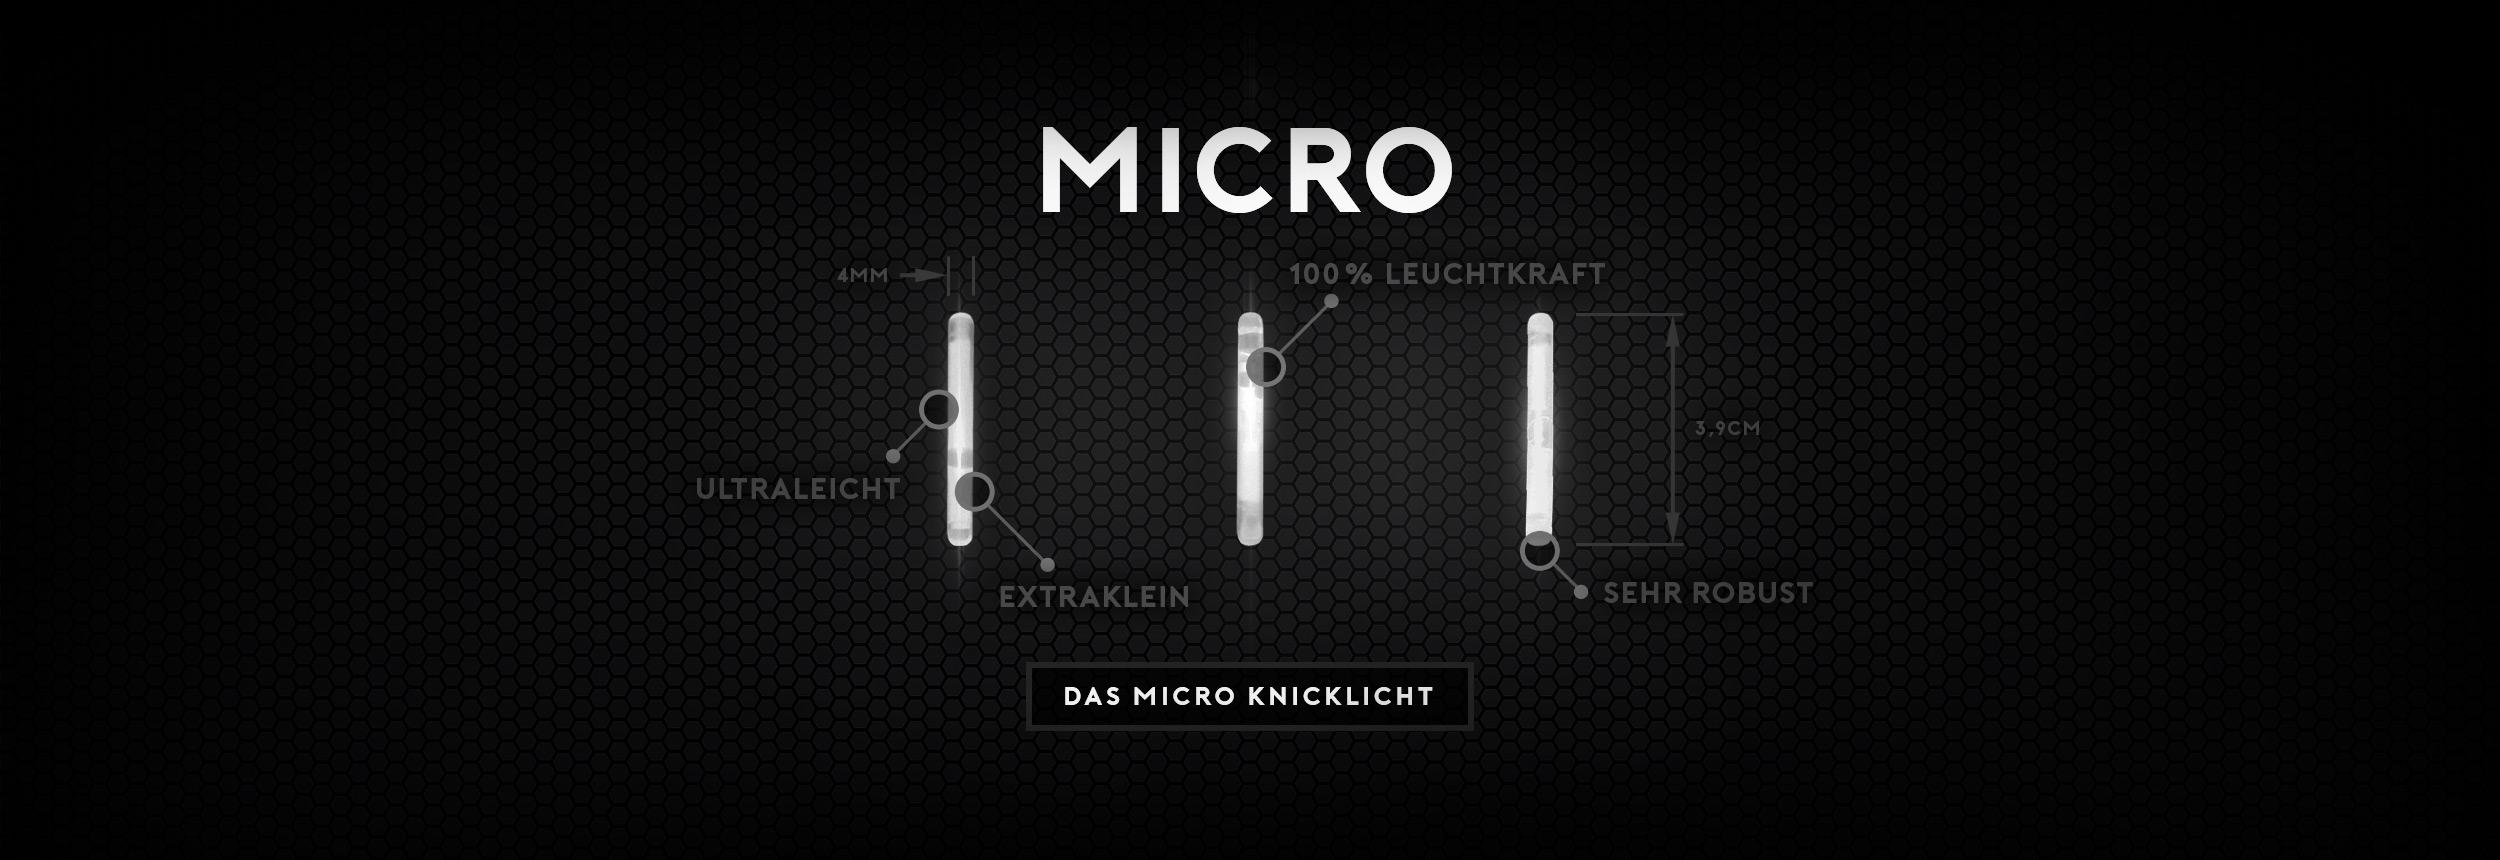 Micro Knicklichter